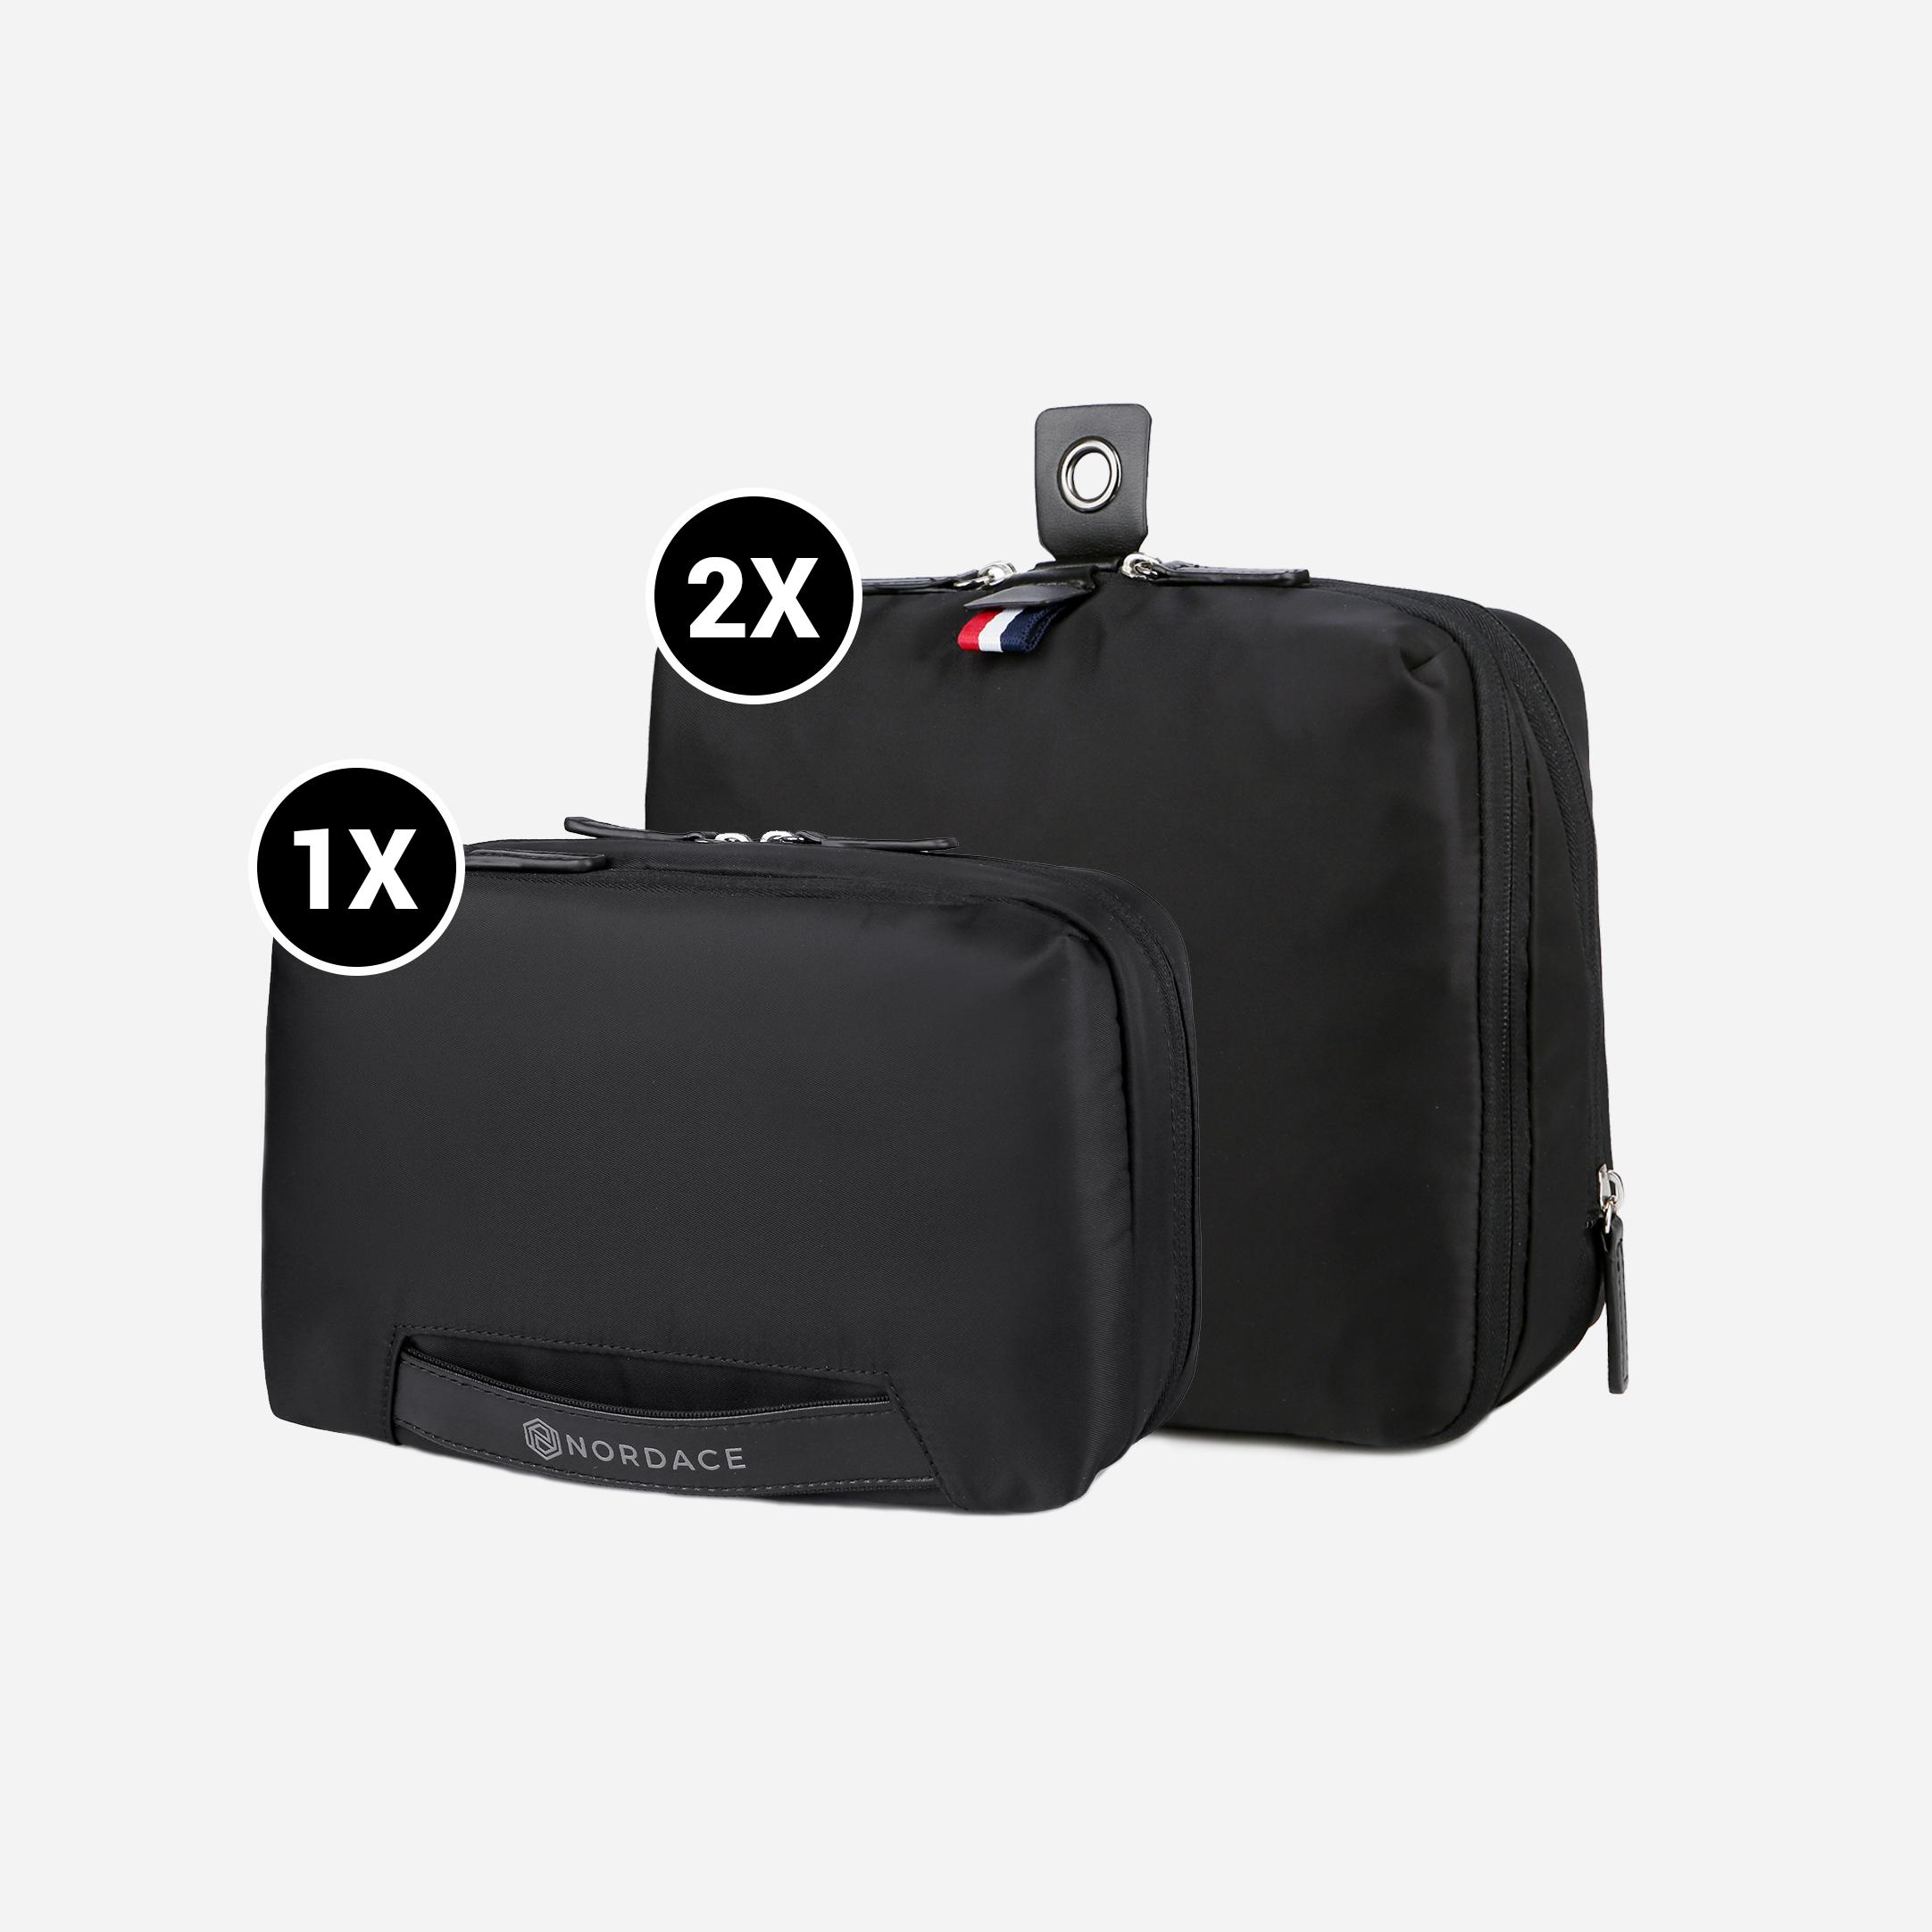 패큠 번들 세트: 2X 패킹 큐브 & 1X 워시 파우치 (Bundle Special)